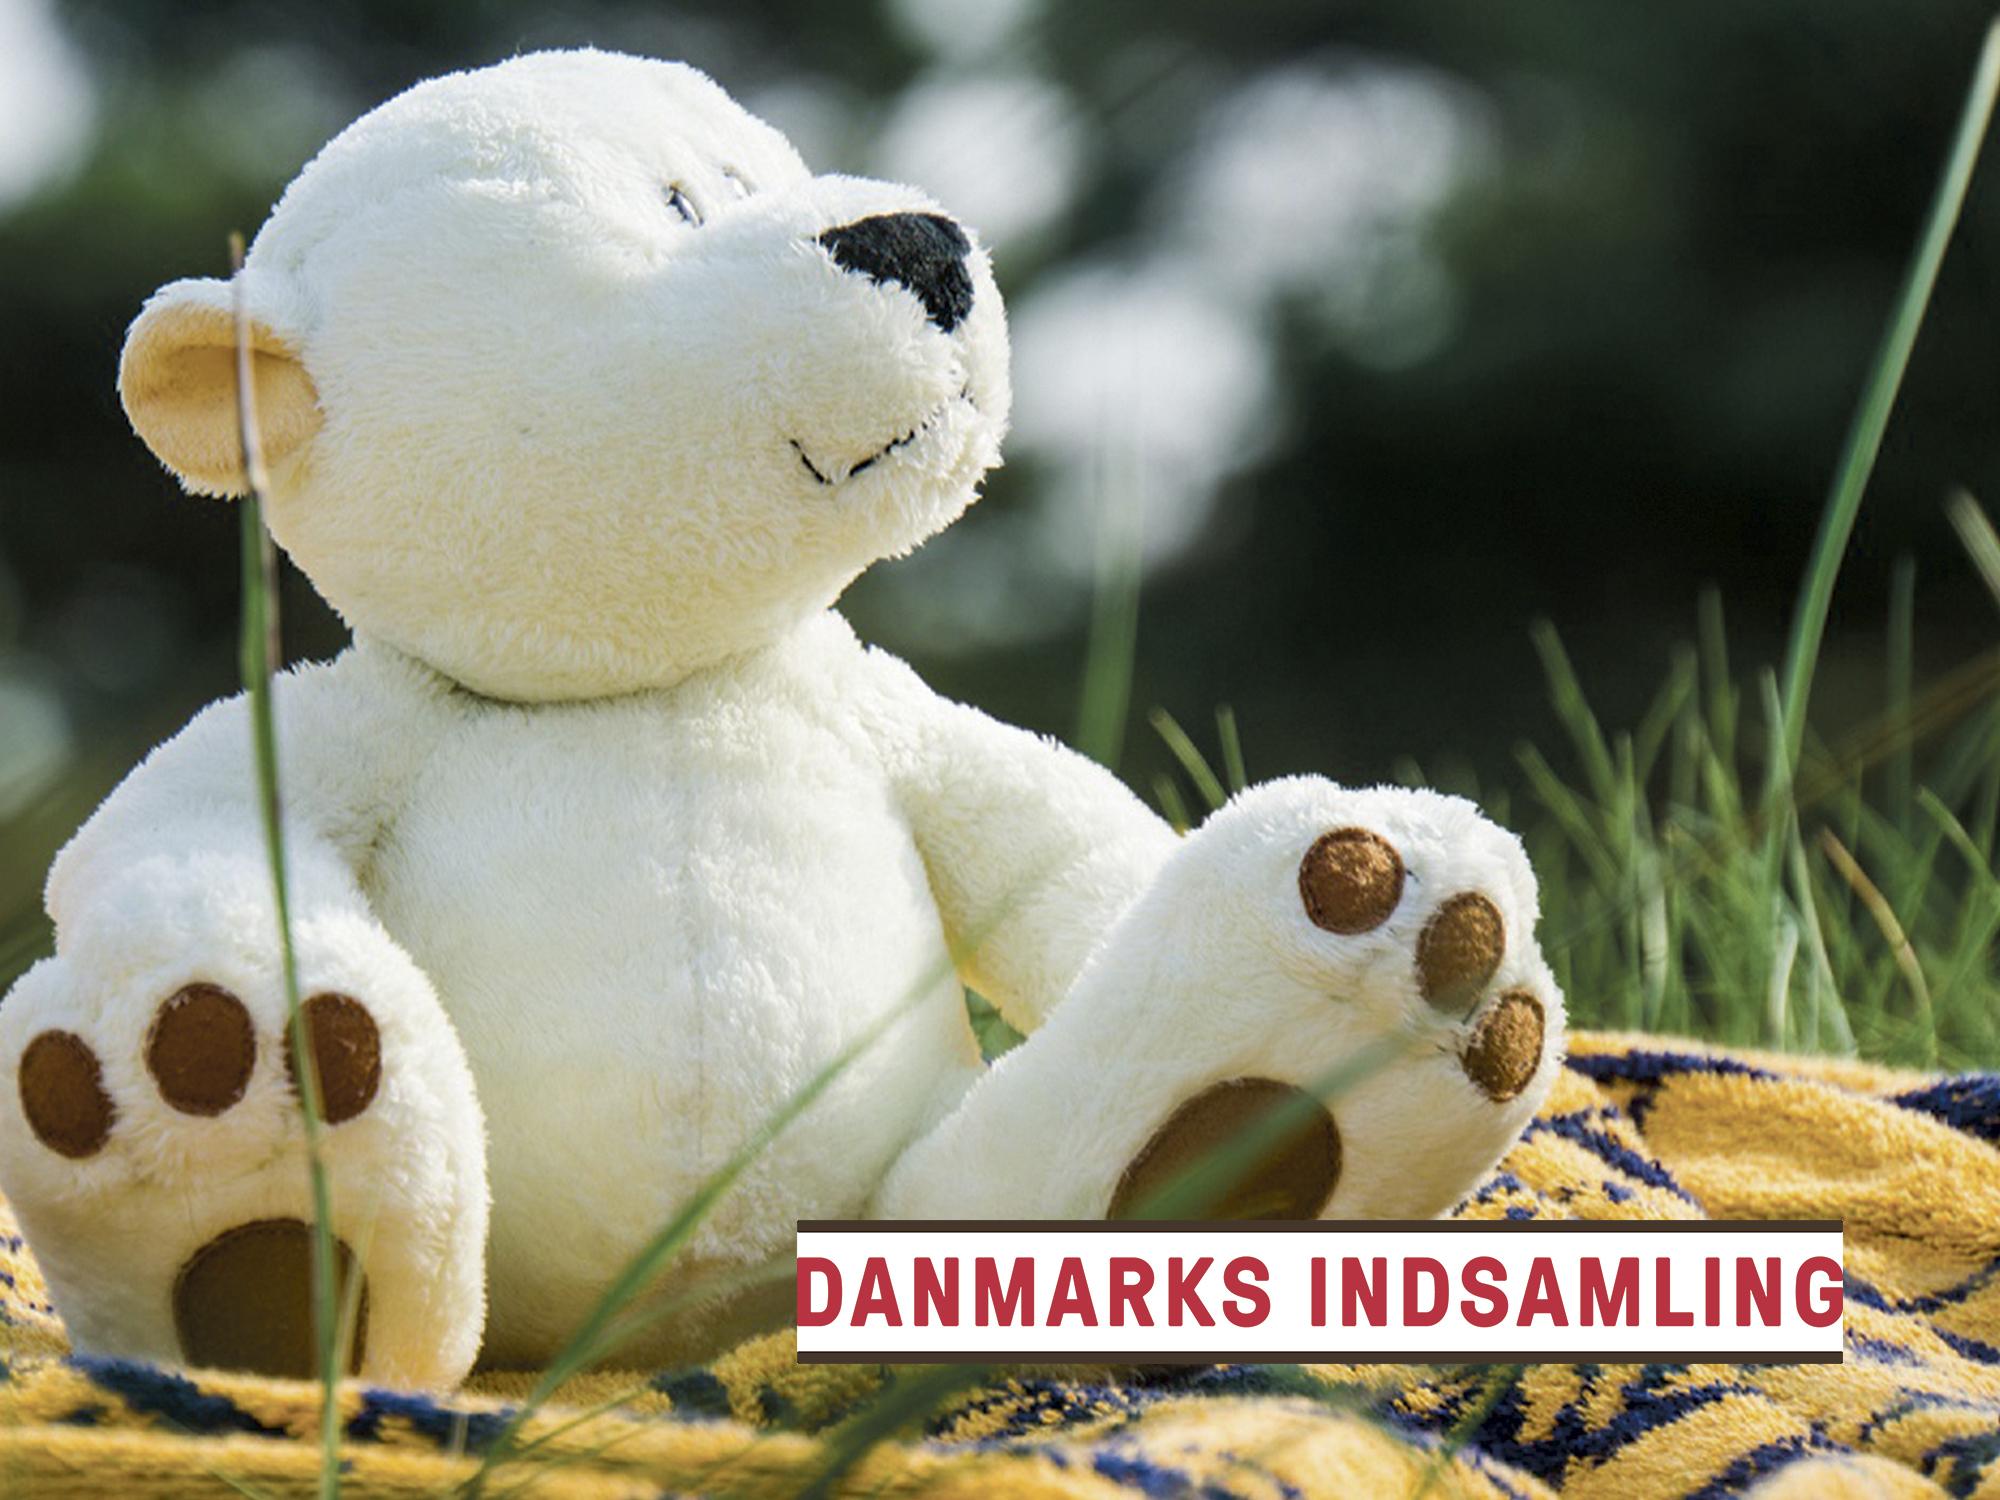 Giv børnenes gamle legetøj til Danmarks Indsamling